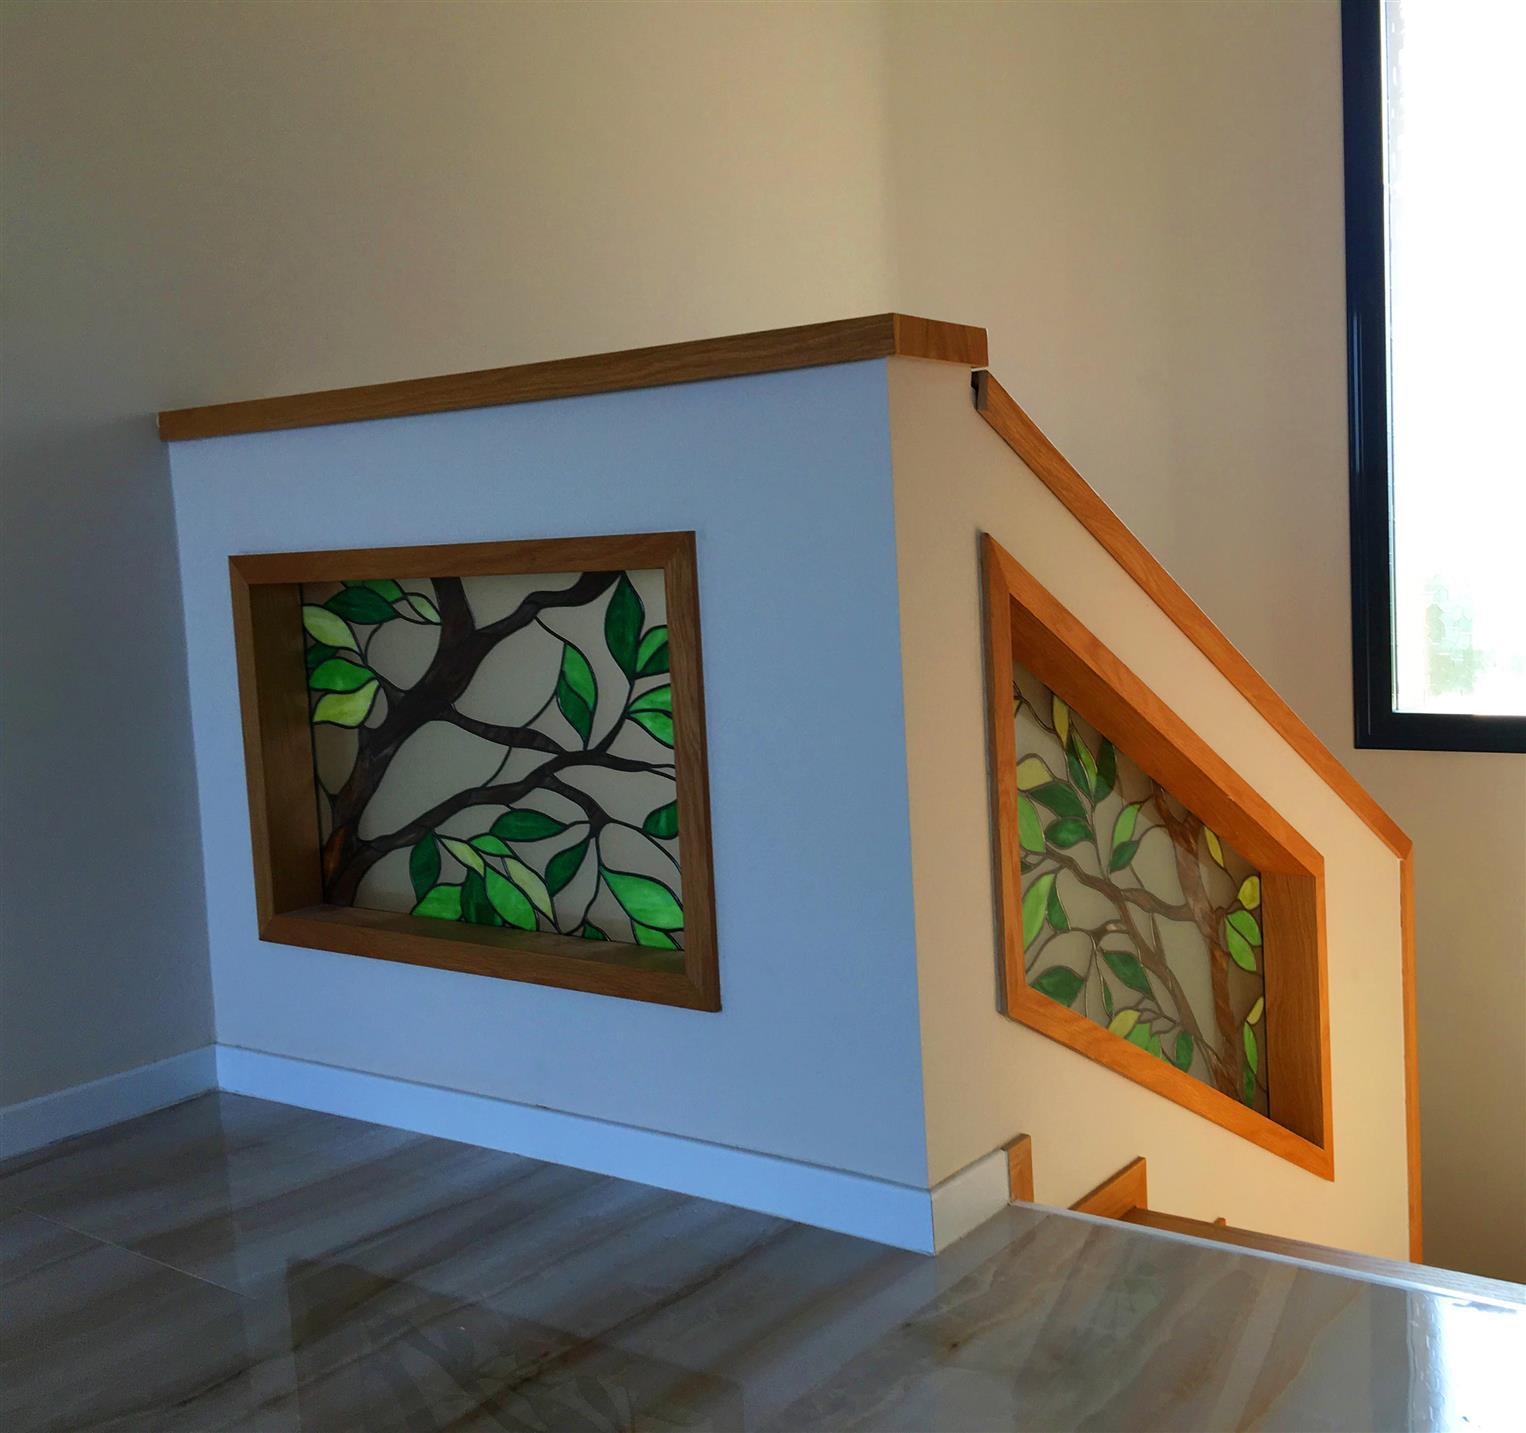 kapi-ve-merdiven-trabzan-vitraylari20171221192118491.jpg izmir vitray çalışması